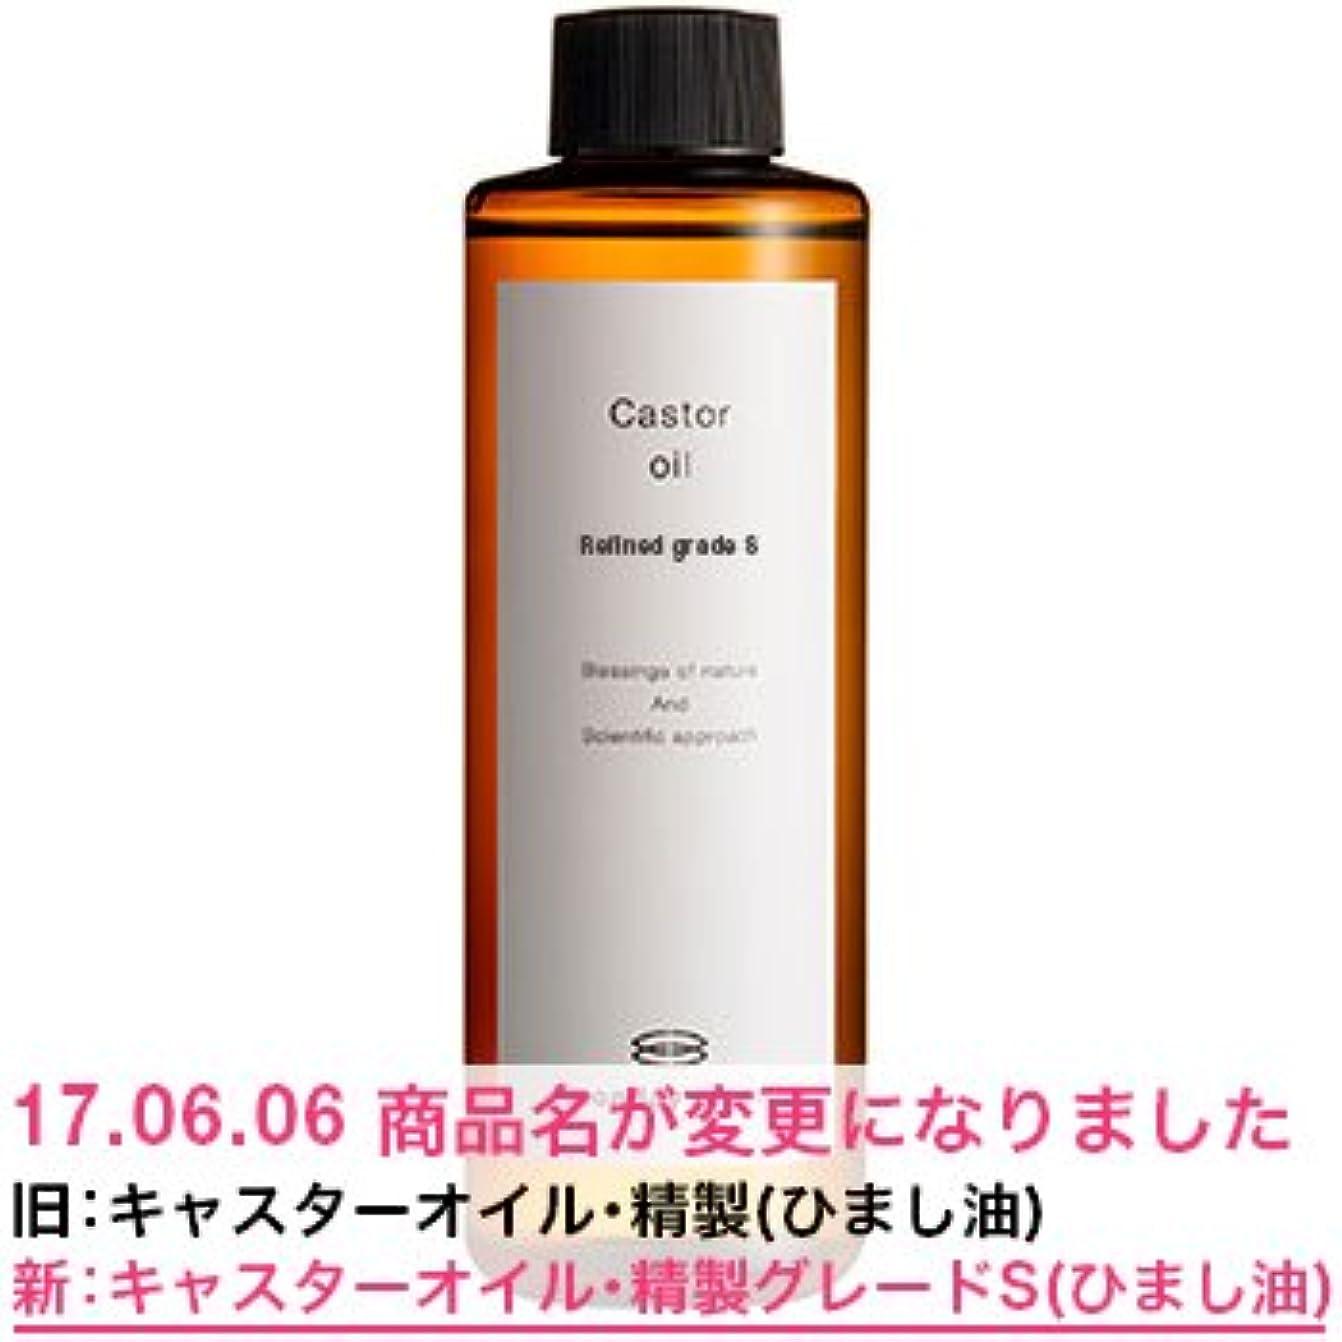 メンタリティカナダ解釈キャスターオイル?精製グレードS(ひまし油)/200ml